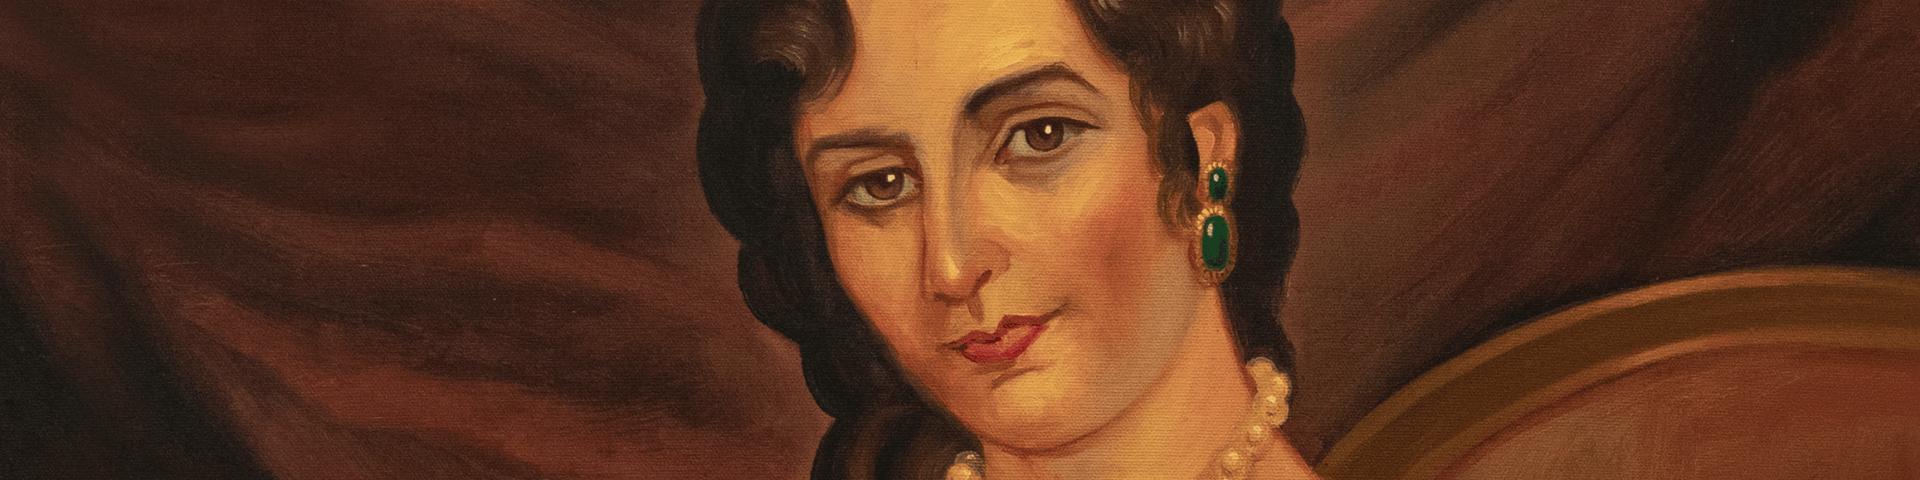 moneda de brígida silva de ochoa, la mujer en el proceso de la independencia